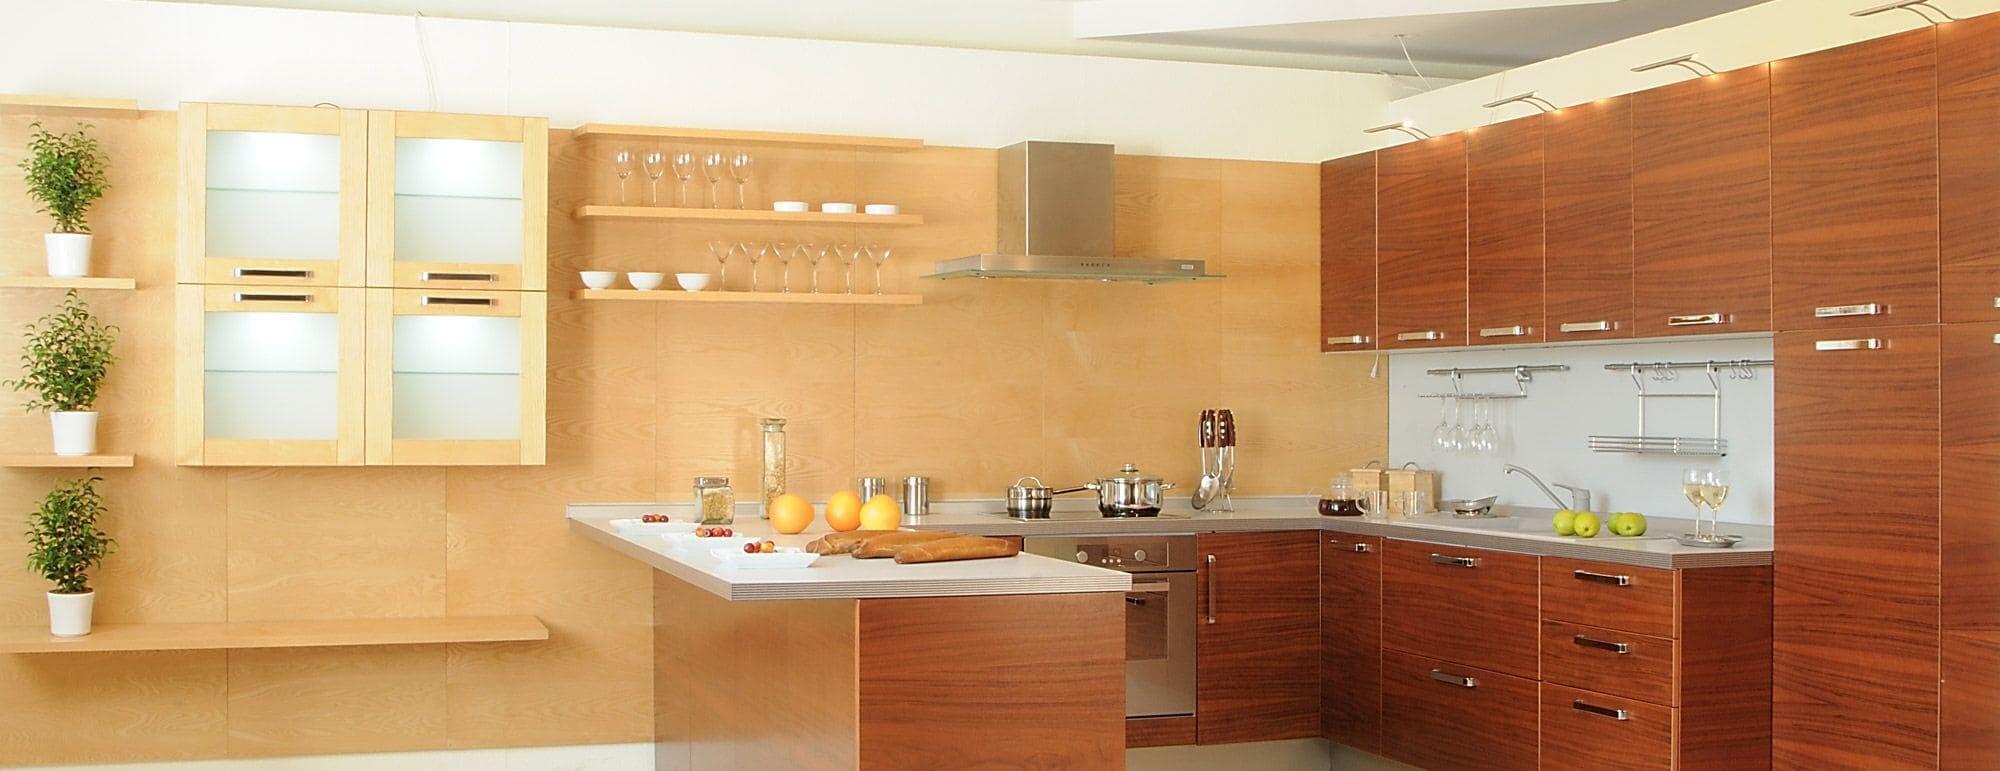 Helle und offene Küche